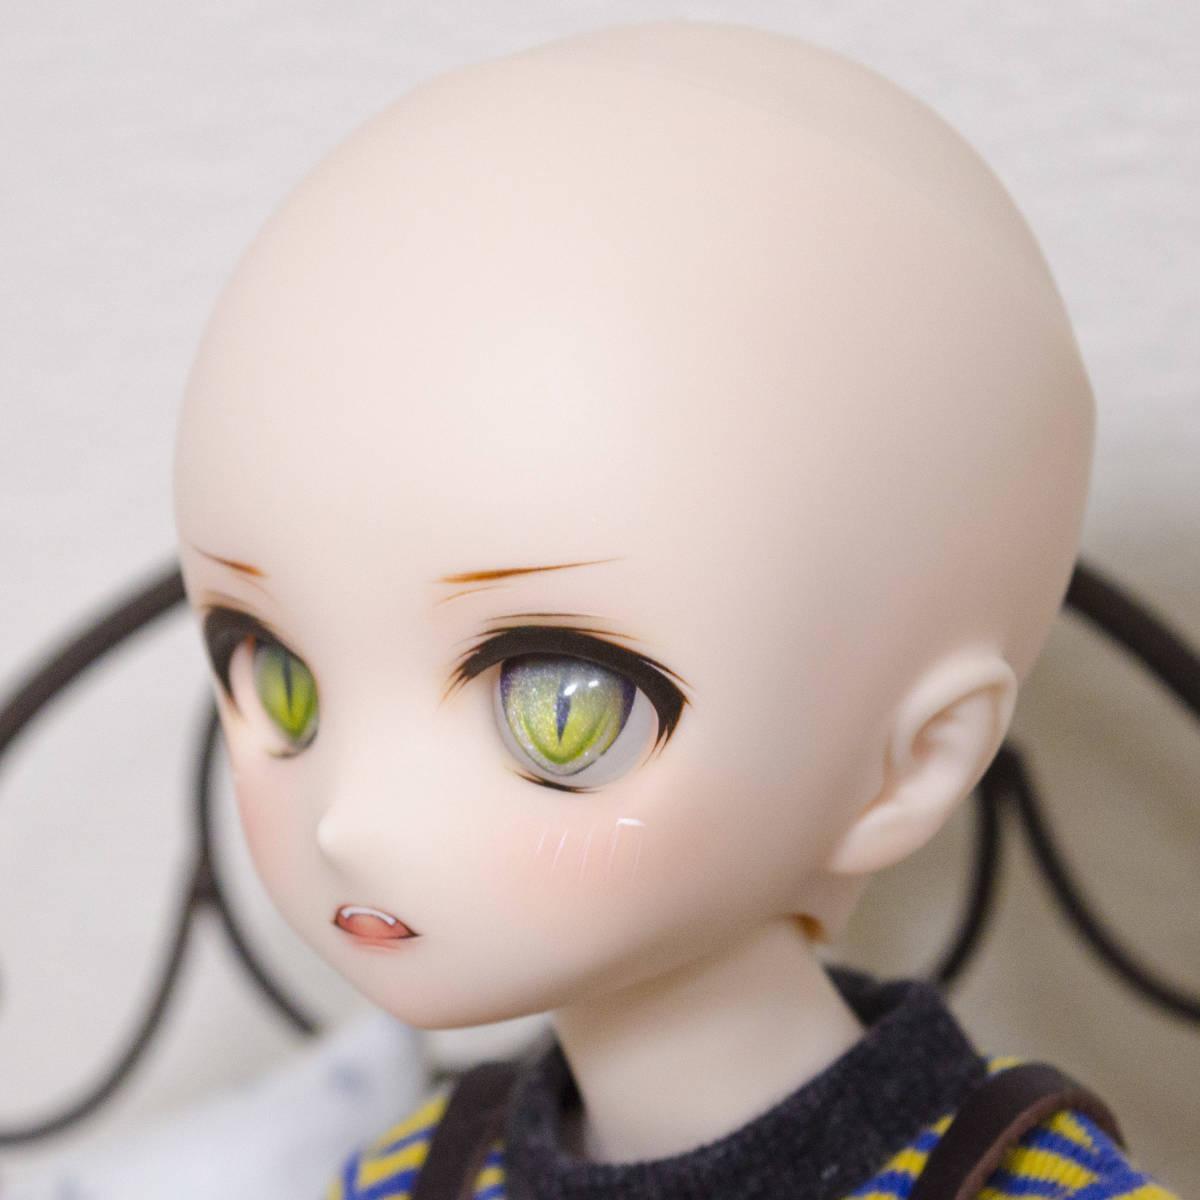 ゜FloralGarden ゜ DDH-01 セミホワイト肌 カスタムヘッド +アイ+おまけ_画像8